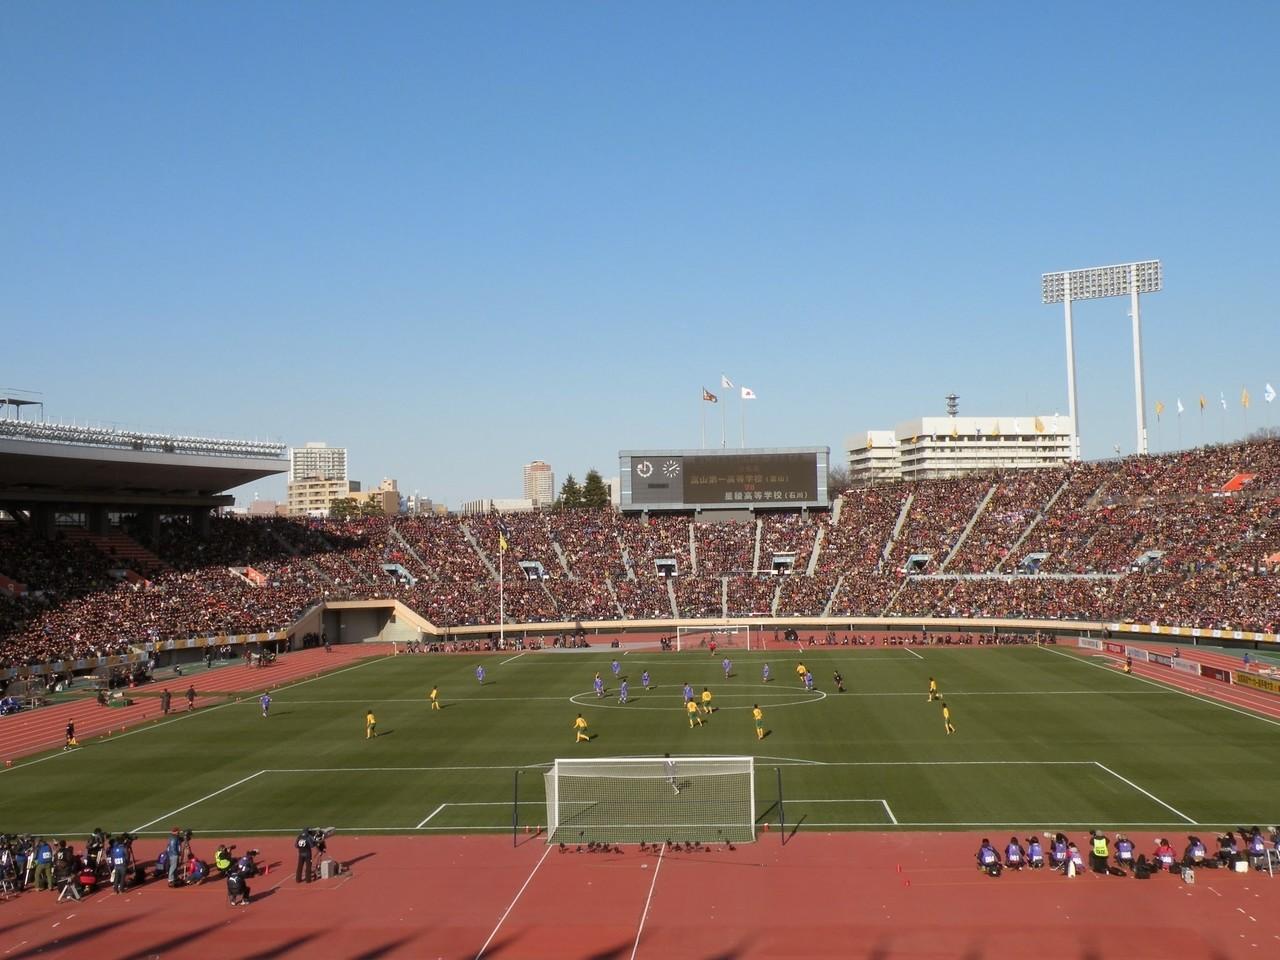 オンラインコミュニティ「SUSONO」カメラ部 8月のテーマ「集まる」より投稿。いわゆる高校サッカーでの「最後の国立」である